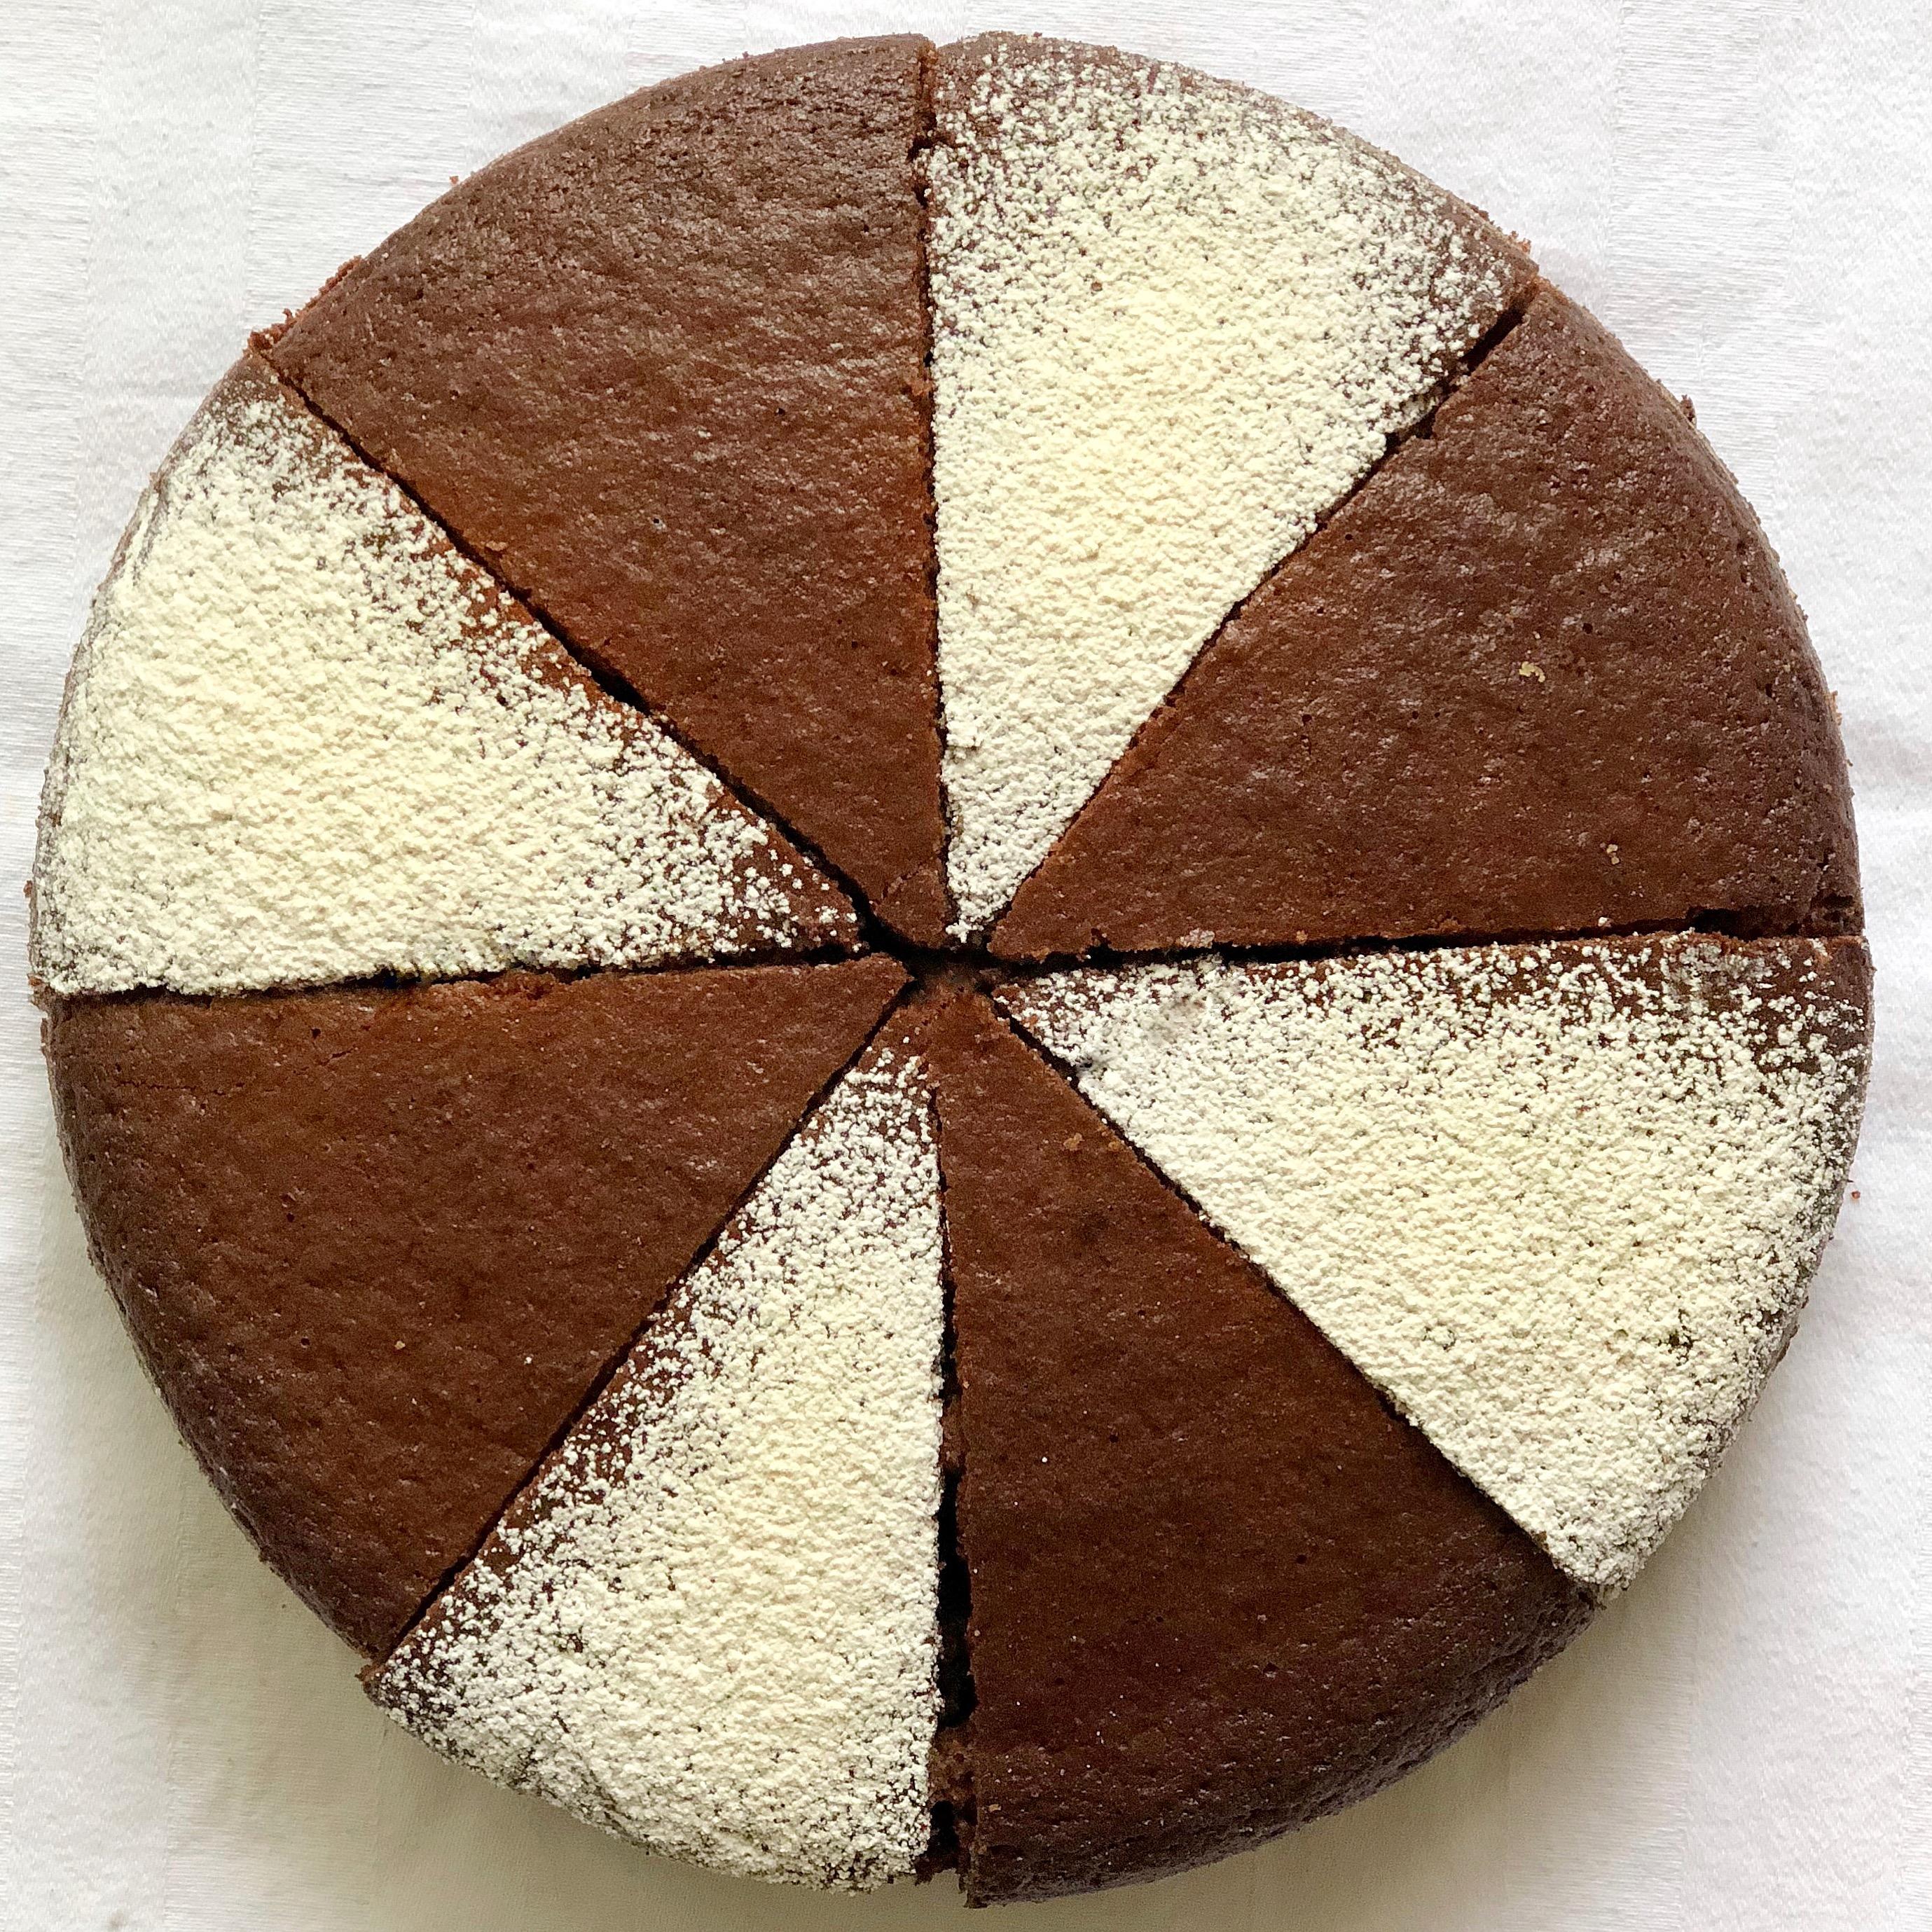 Torta 12 Cucchiai al Cioccolato la ricetta facile e veloce senza bilancia di dolci senza burro